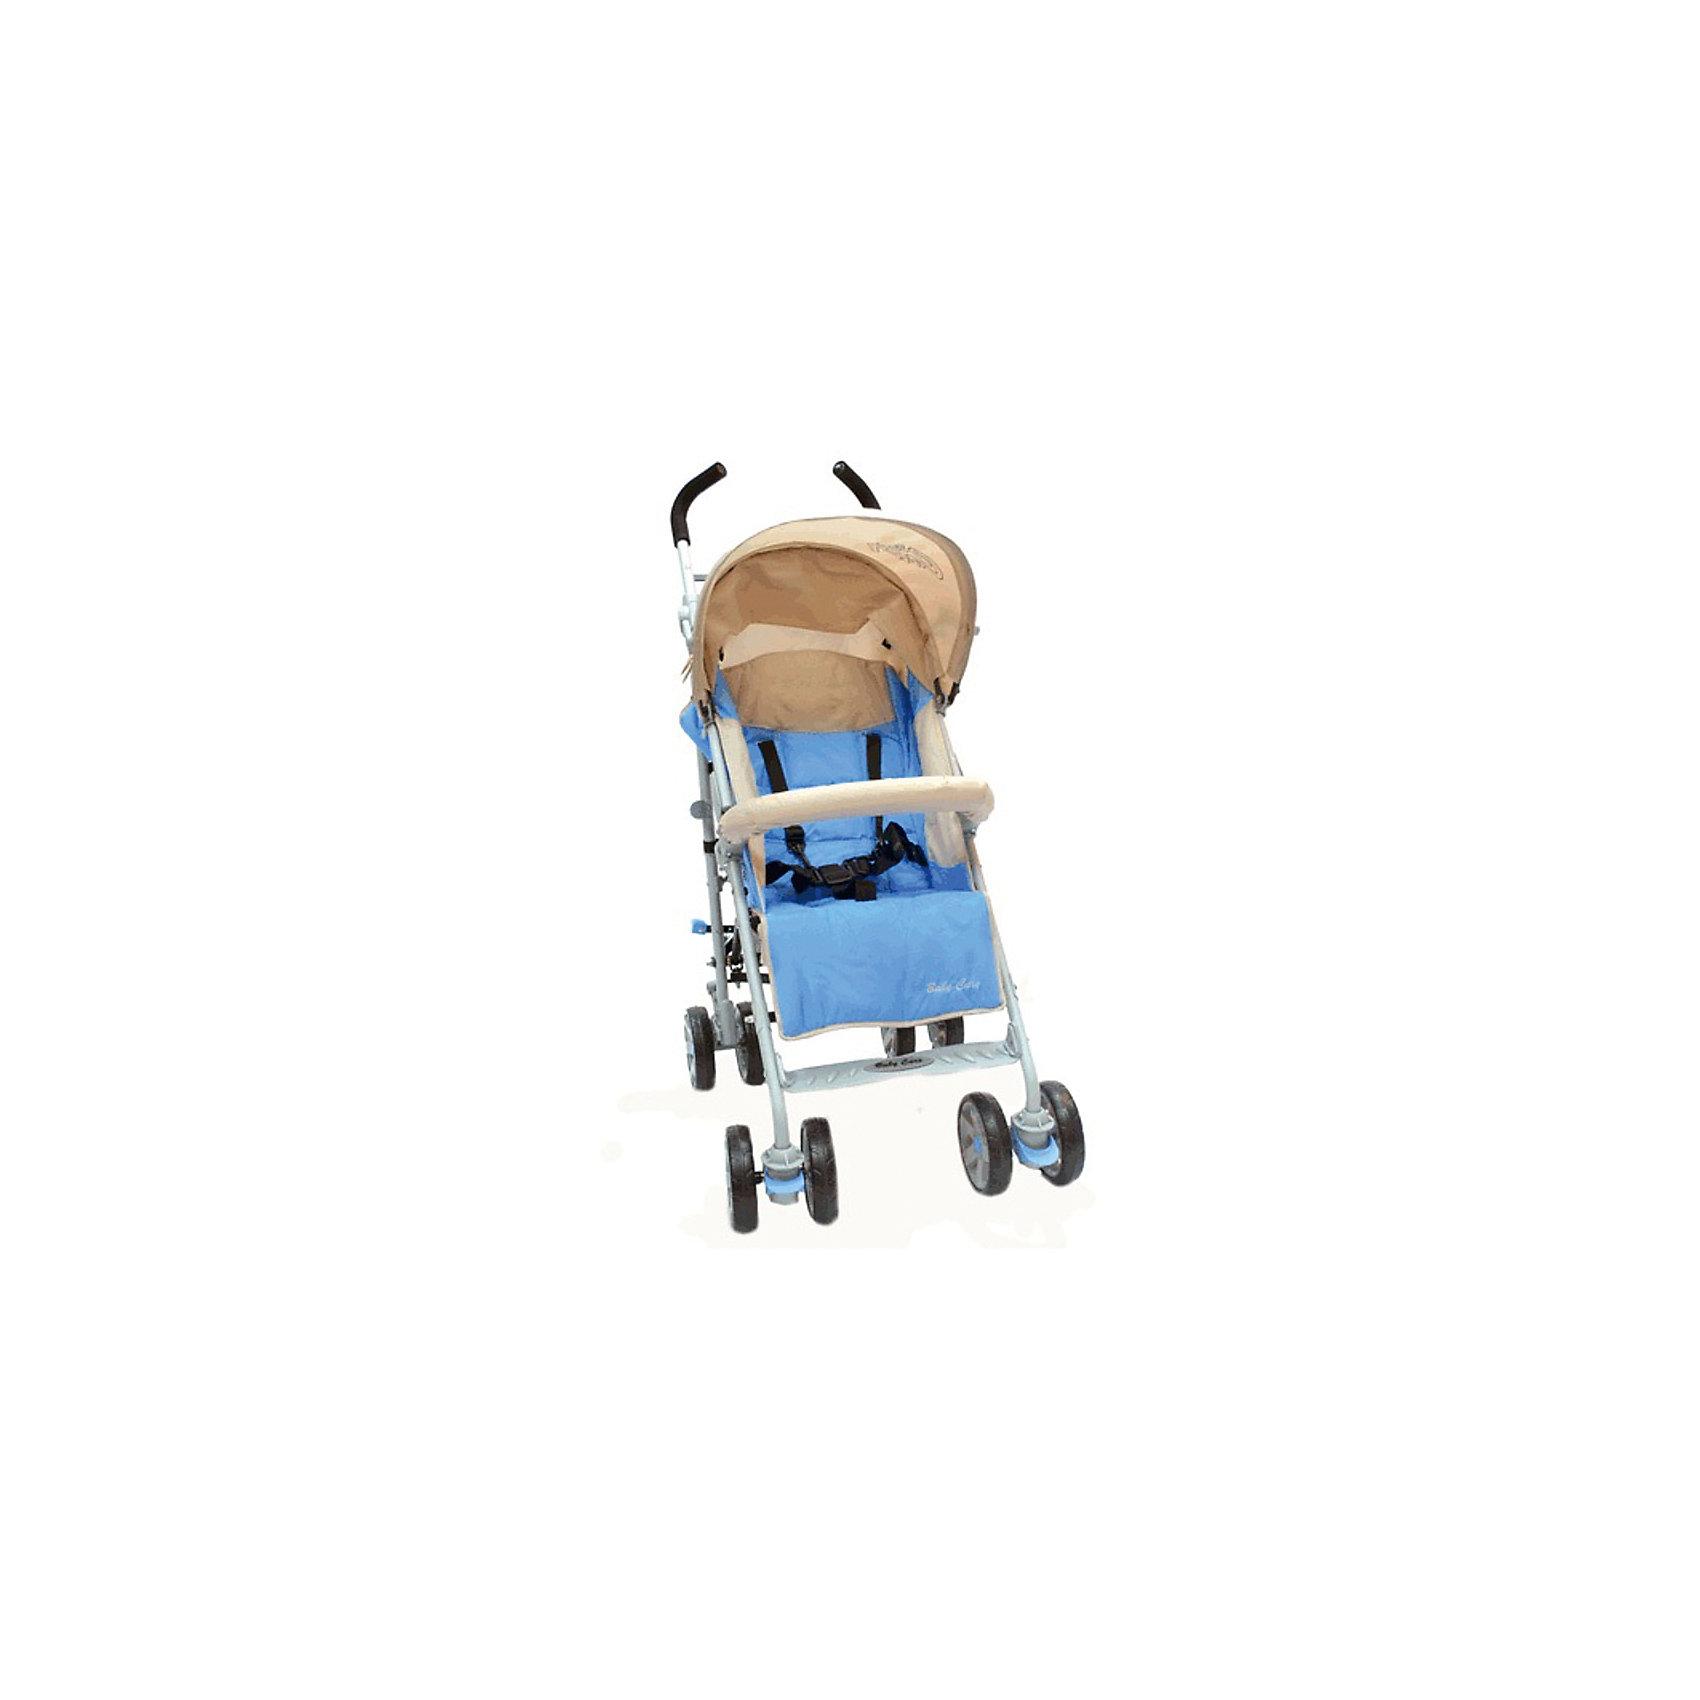 Коляска-трость Polo 107, Baby Care, светло-голубойBaby Care Polo – оригинальная коляска-трость. Стильная и маневренная, она отлично подходит как для городских прогулок, так и для выездов на природу.Хороший вариант «походной» коляски. Можно взять с собой на отдых. Коляска компактна в сложенном виде, не занимает много места в транспорте.Коляска достаточно проходима, чтобы ездить и по асфальту, и по траве. Кроме этого, весь прочий функционал тростей доступен и в этой модели. Спинка раскладывается до лежачего положения, подножка регулируется по высоте, а капюшон может опускаться до бампера.Особенности:• легкая алюминиевая рама;• большой капюшон опускается до бампера;• съемный бампер с мягкой накладкой;• спинка может раскладываться почти до горизонтального положения (до 170 градусов);• регулируемая подножка;• 5-точечные ремни безопасности;• передние колеса плавающие с возможностью фиксации;• стояночный тормоз на задней оси;• вместительная корзина для вещей;• коляска складывается тростью.Комплектация:• чехол на ноги;• дождевик.Характеристики:Диаметр колес:15 см Тип колес:сдвоенные, плотная резина Механизм складывания:трость Ширина колесной базы:51 см Вес: 8,5 кг Размеры:спальное место: 80x33 см высота спинки: 52 см высота до ручки: 107 см<br><br>Ширина мм: 1080<br>Глубина мм: 300<br>Высота мм: 200<br>Вес г: 9800<br>Возраст от месяцев: 6<br>Возраст до месяцев: 48<br>Пол: Унисекс<br>Возраст: Детский<br>SKU: 5513642